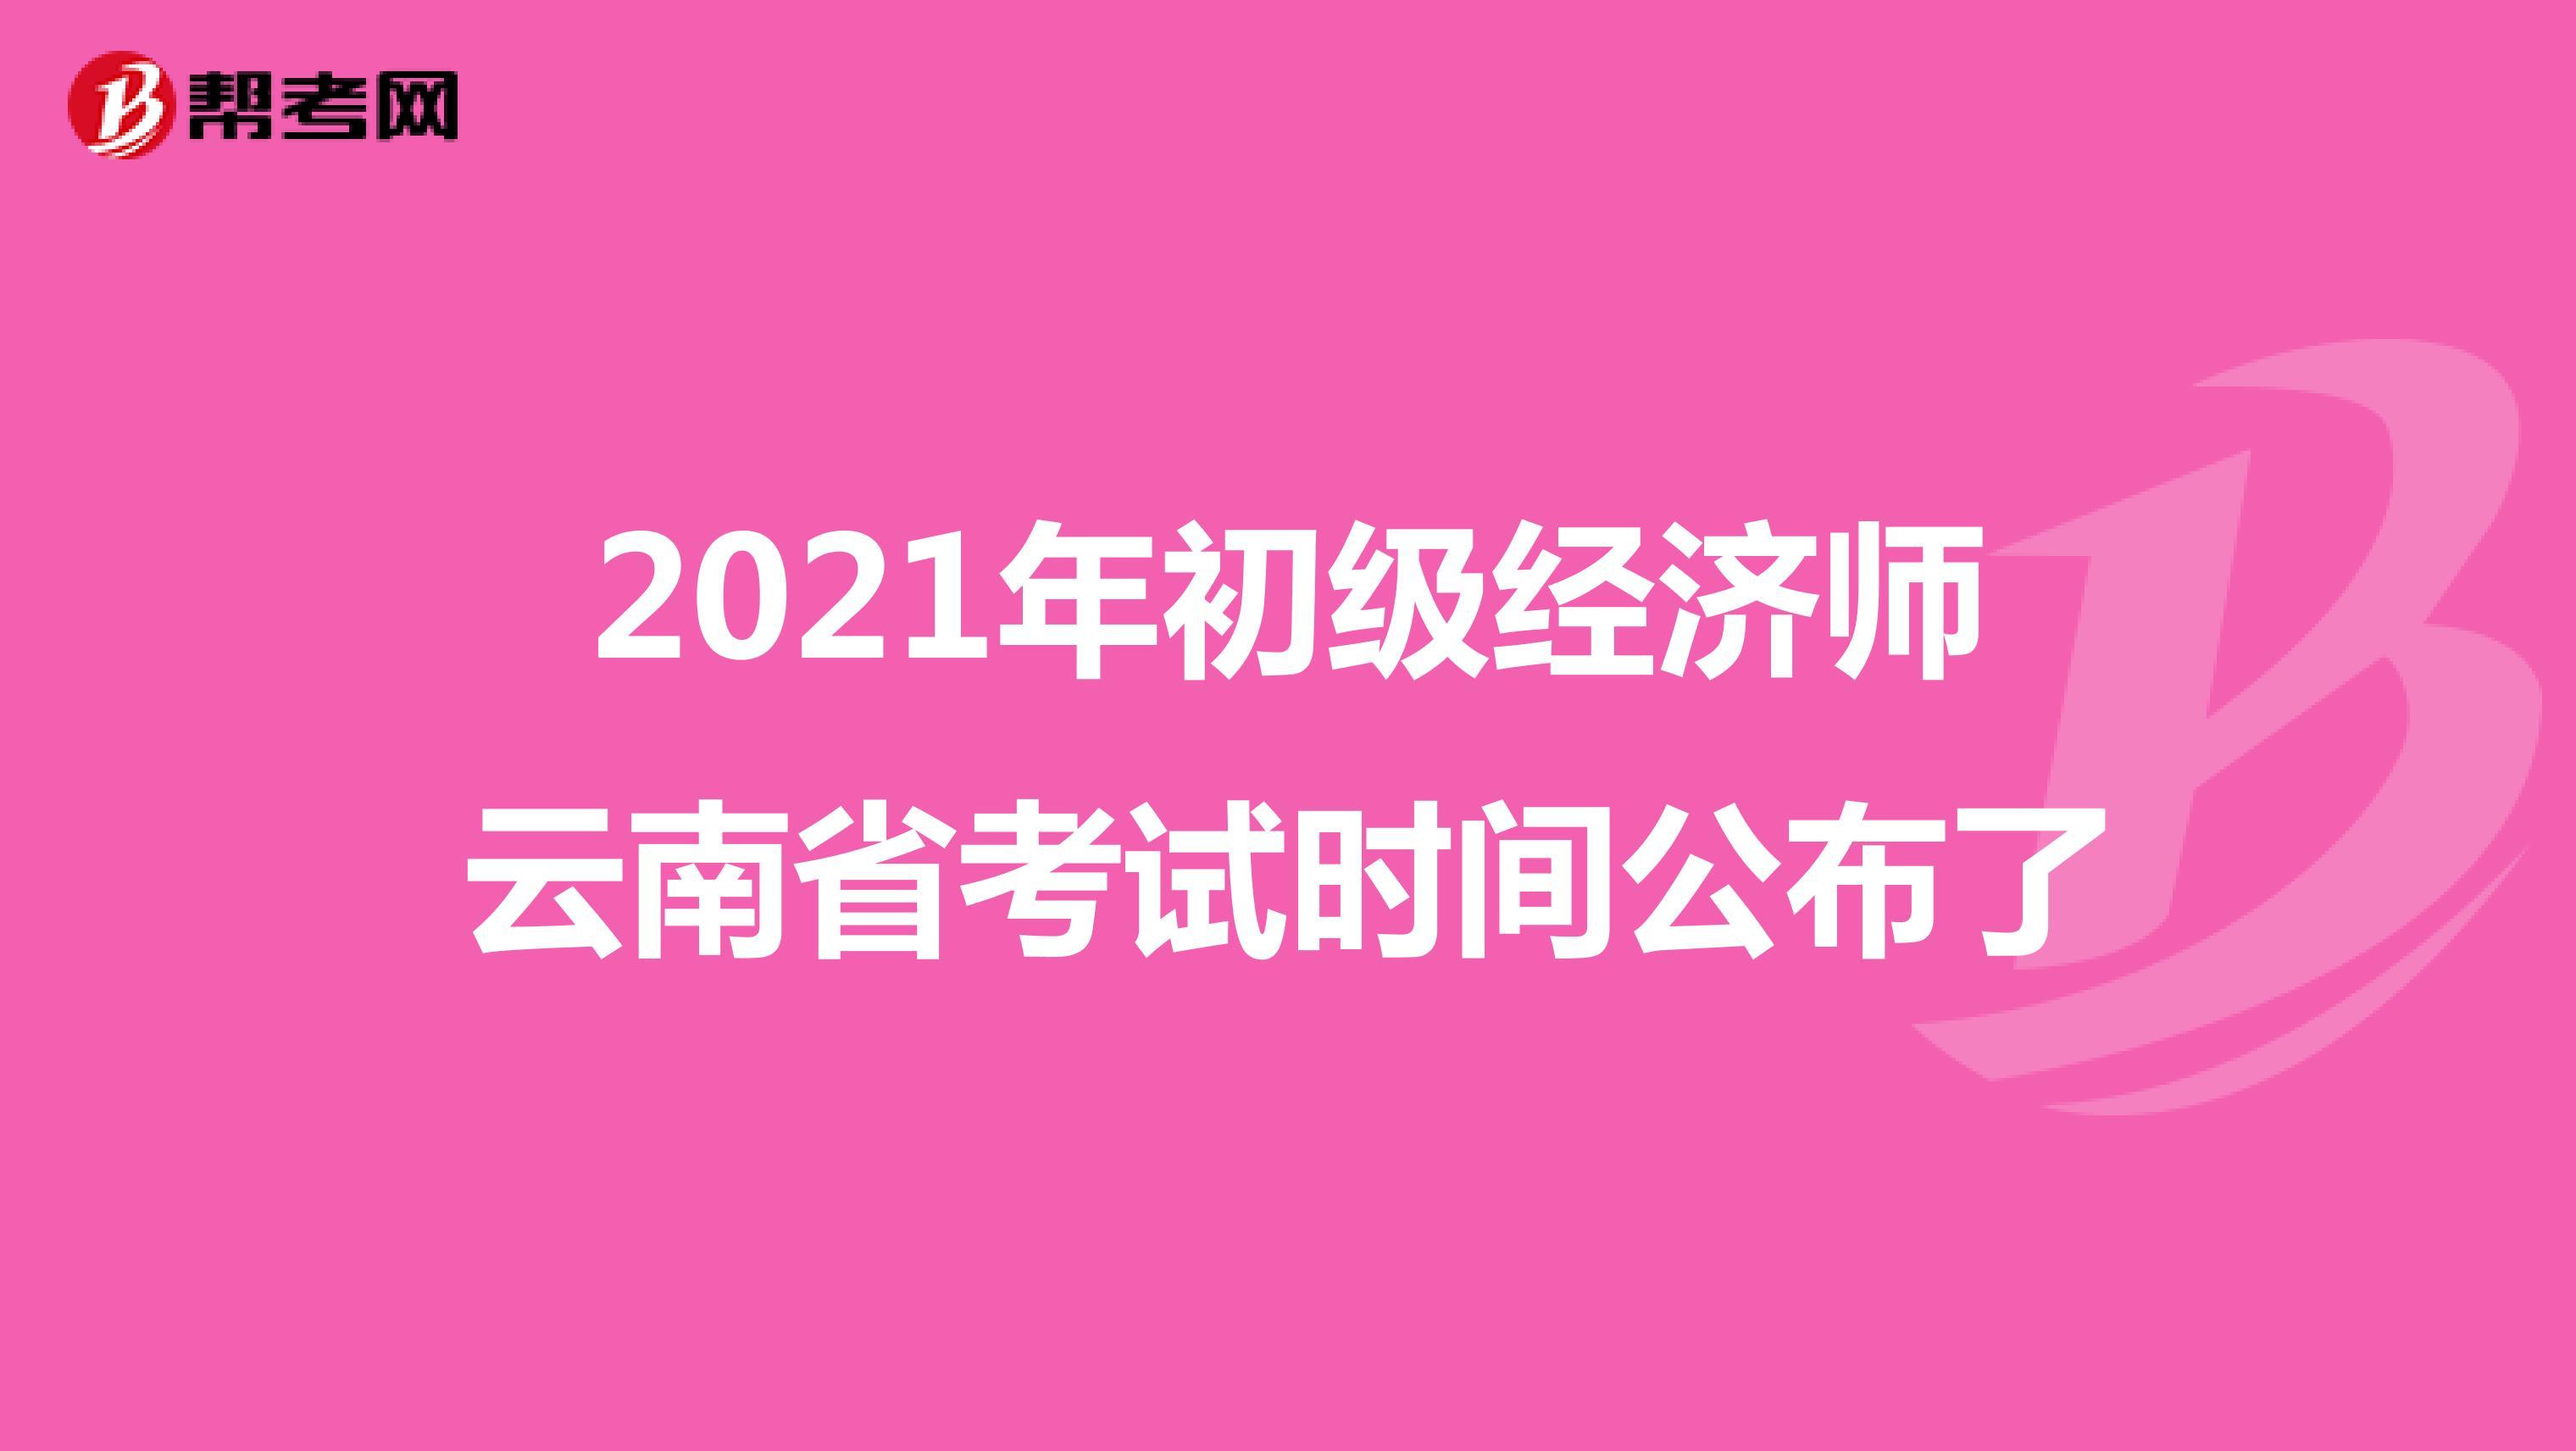 2021年初級經濟師云南省考試時間公布了